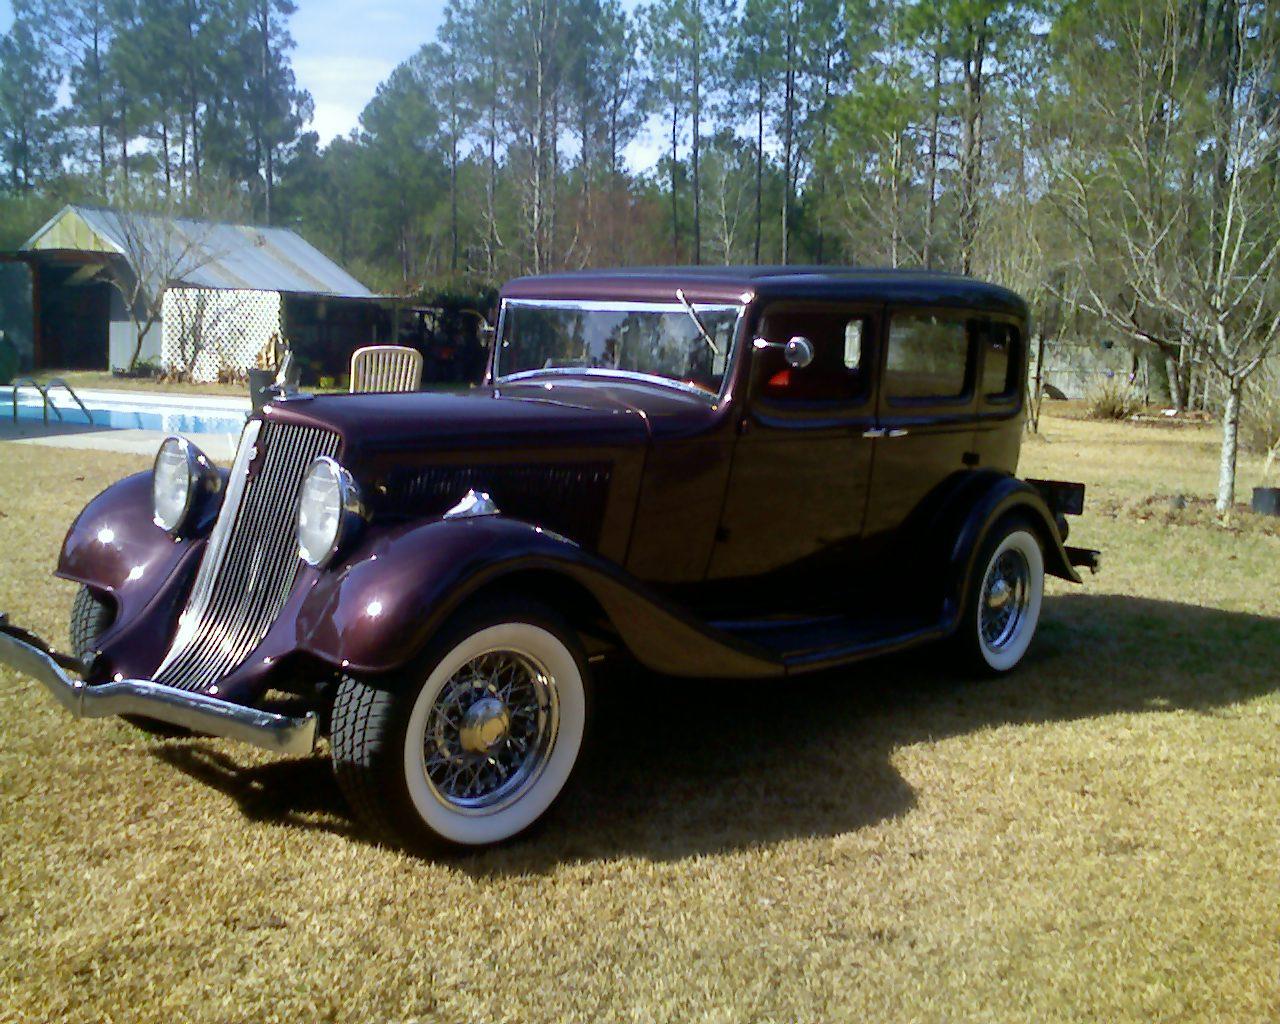 https://i0.wp.com/momentcar.com/images/studebaker-56-1933-1.jpg